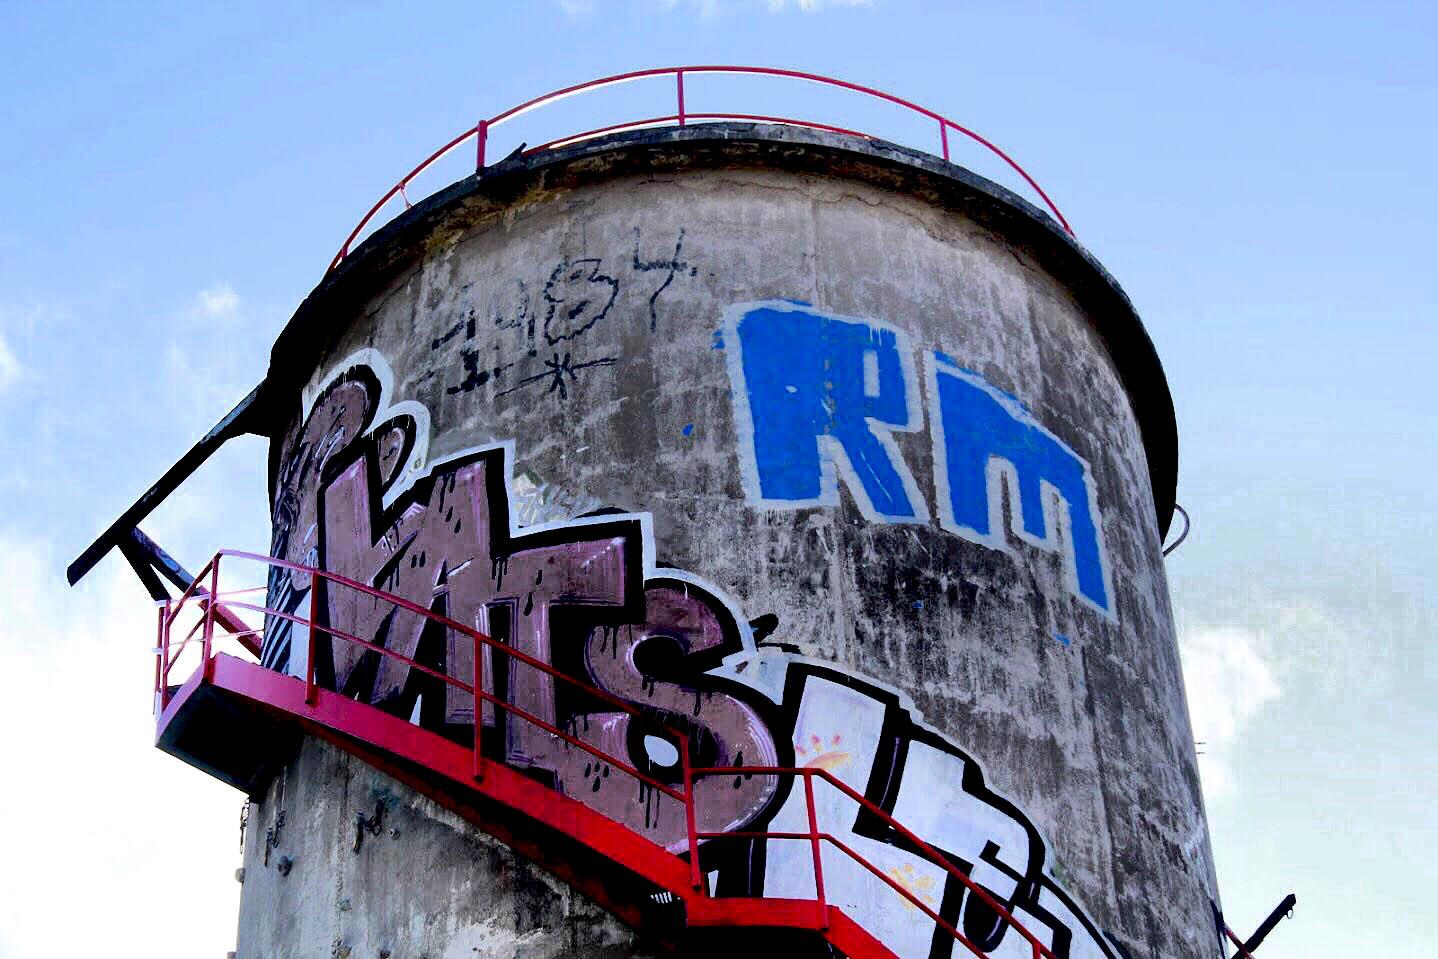 Ni herencia ni olvido: el destino de los silos del Parque de los Reyes